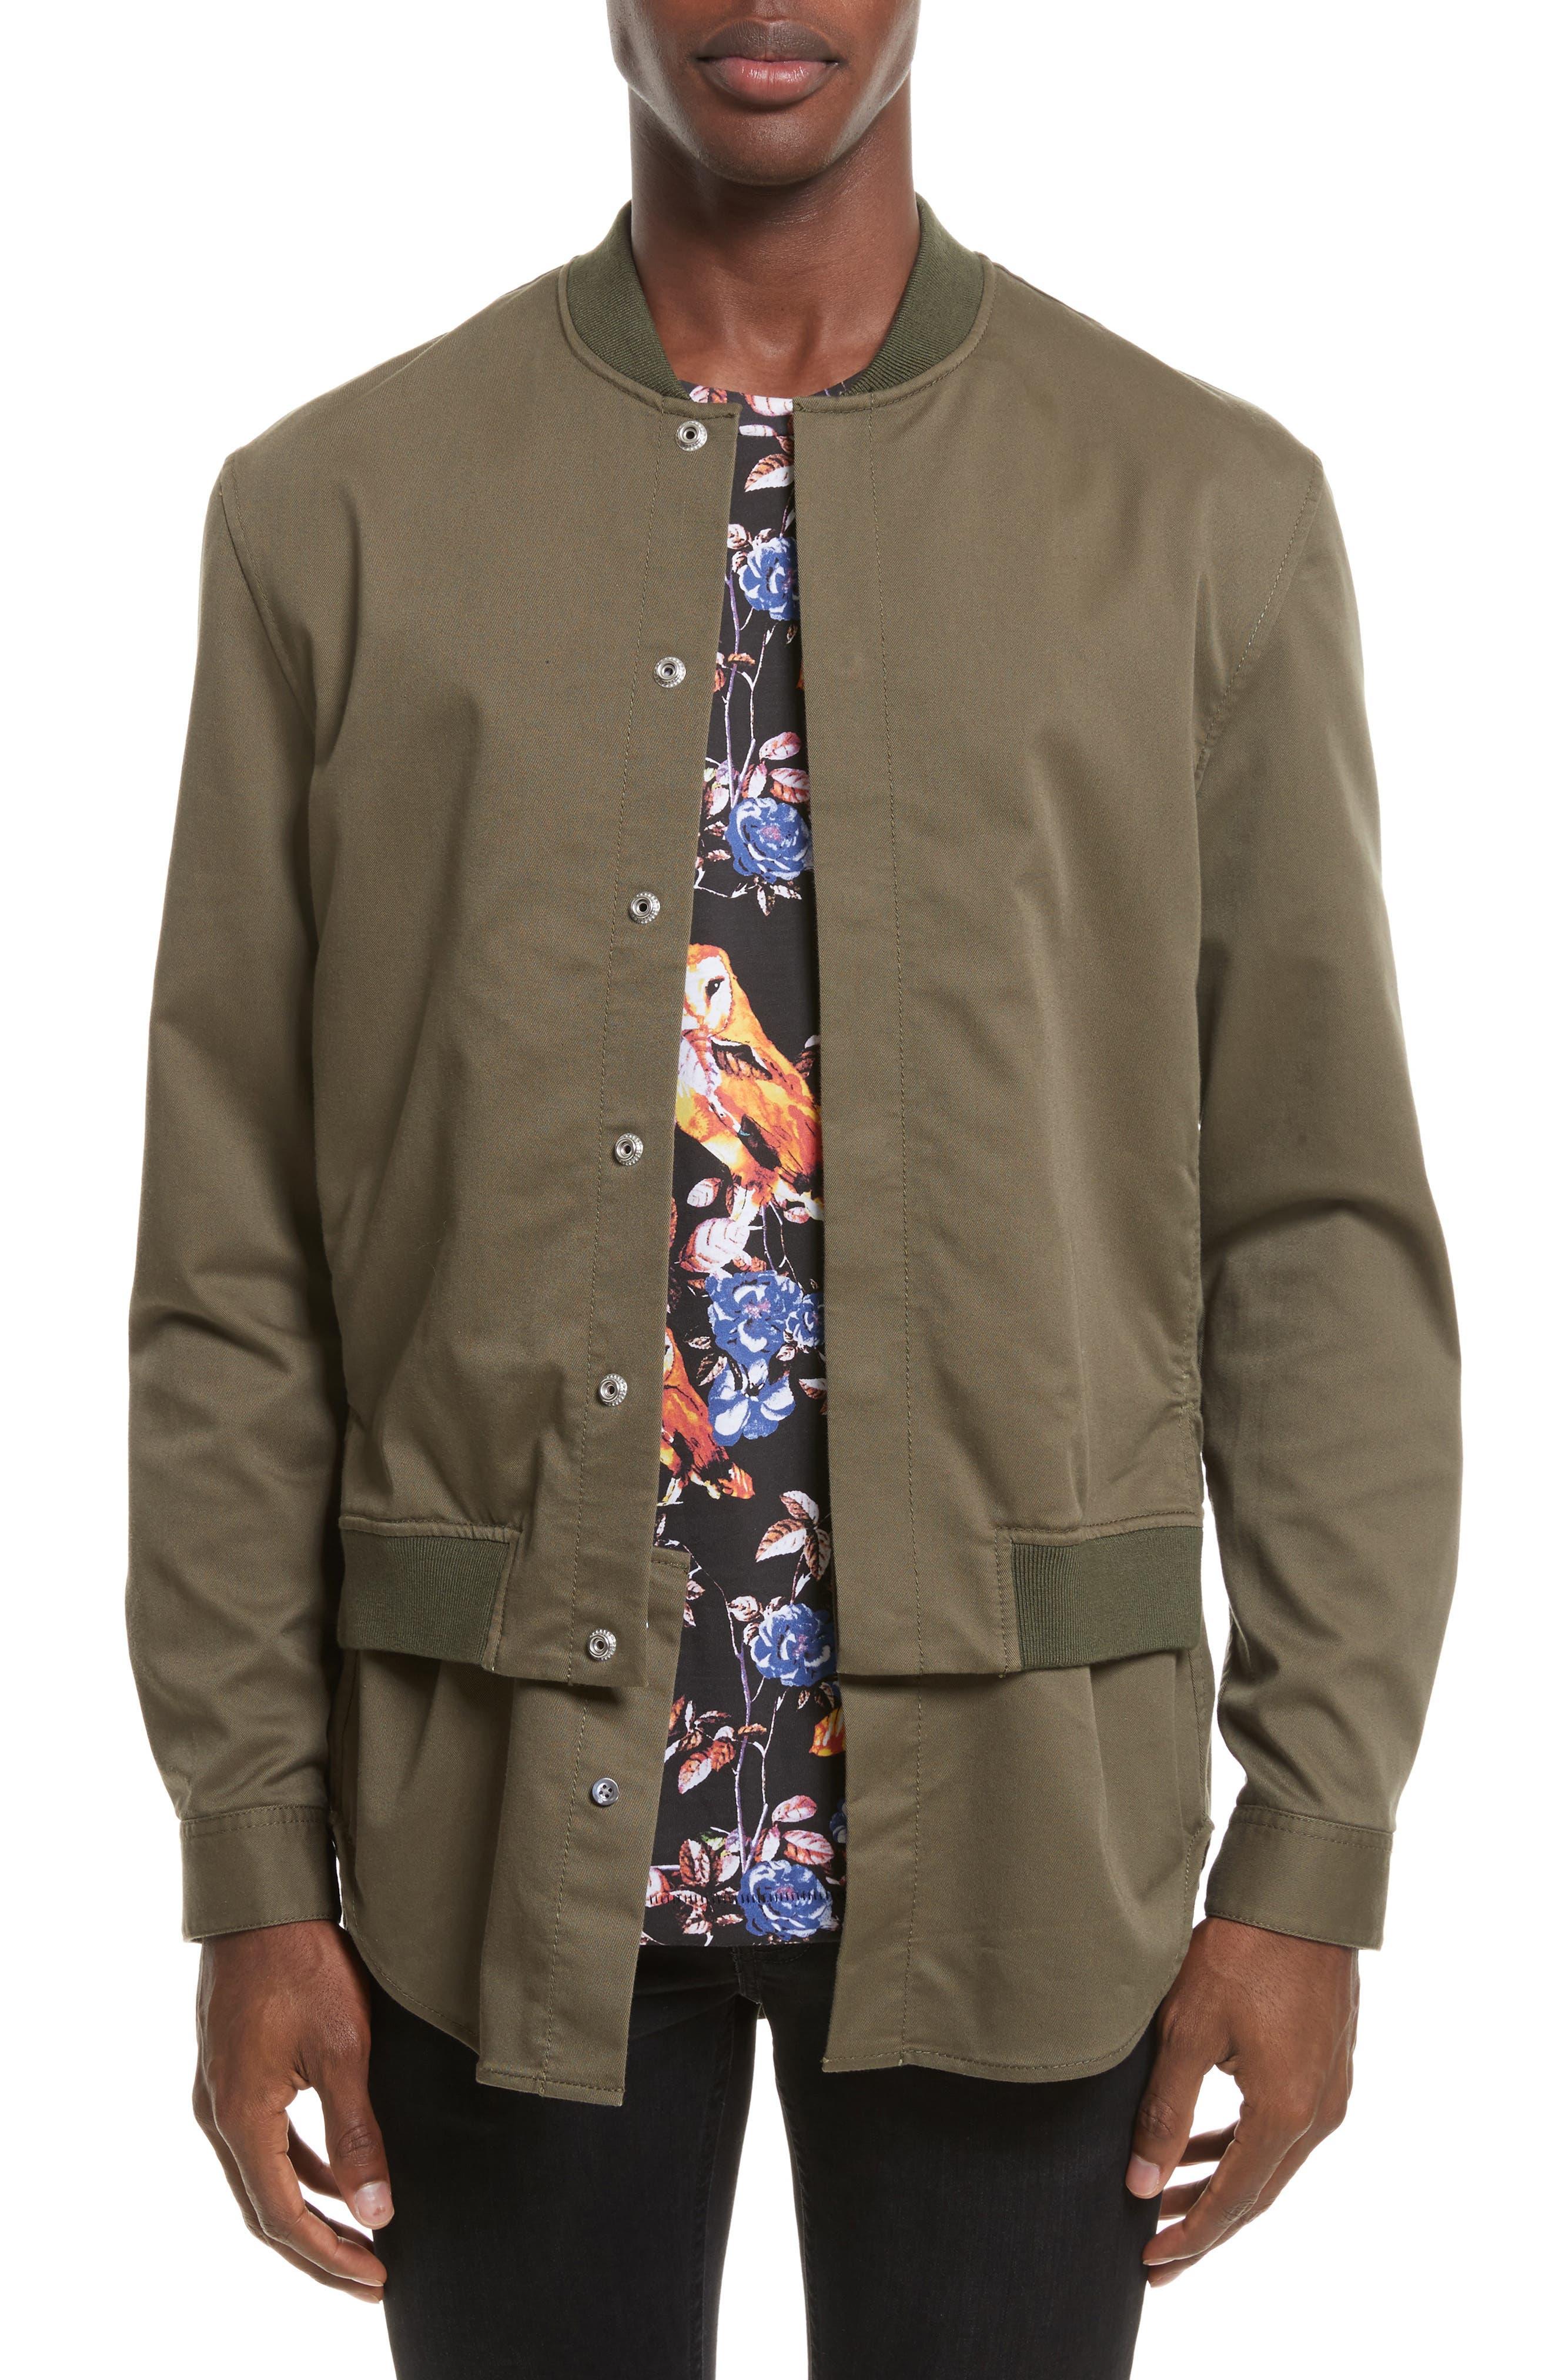 Main Image - 3.1 Phillip Lim Bomber Shirt Jacket